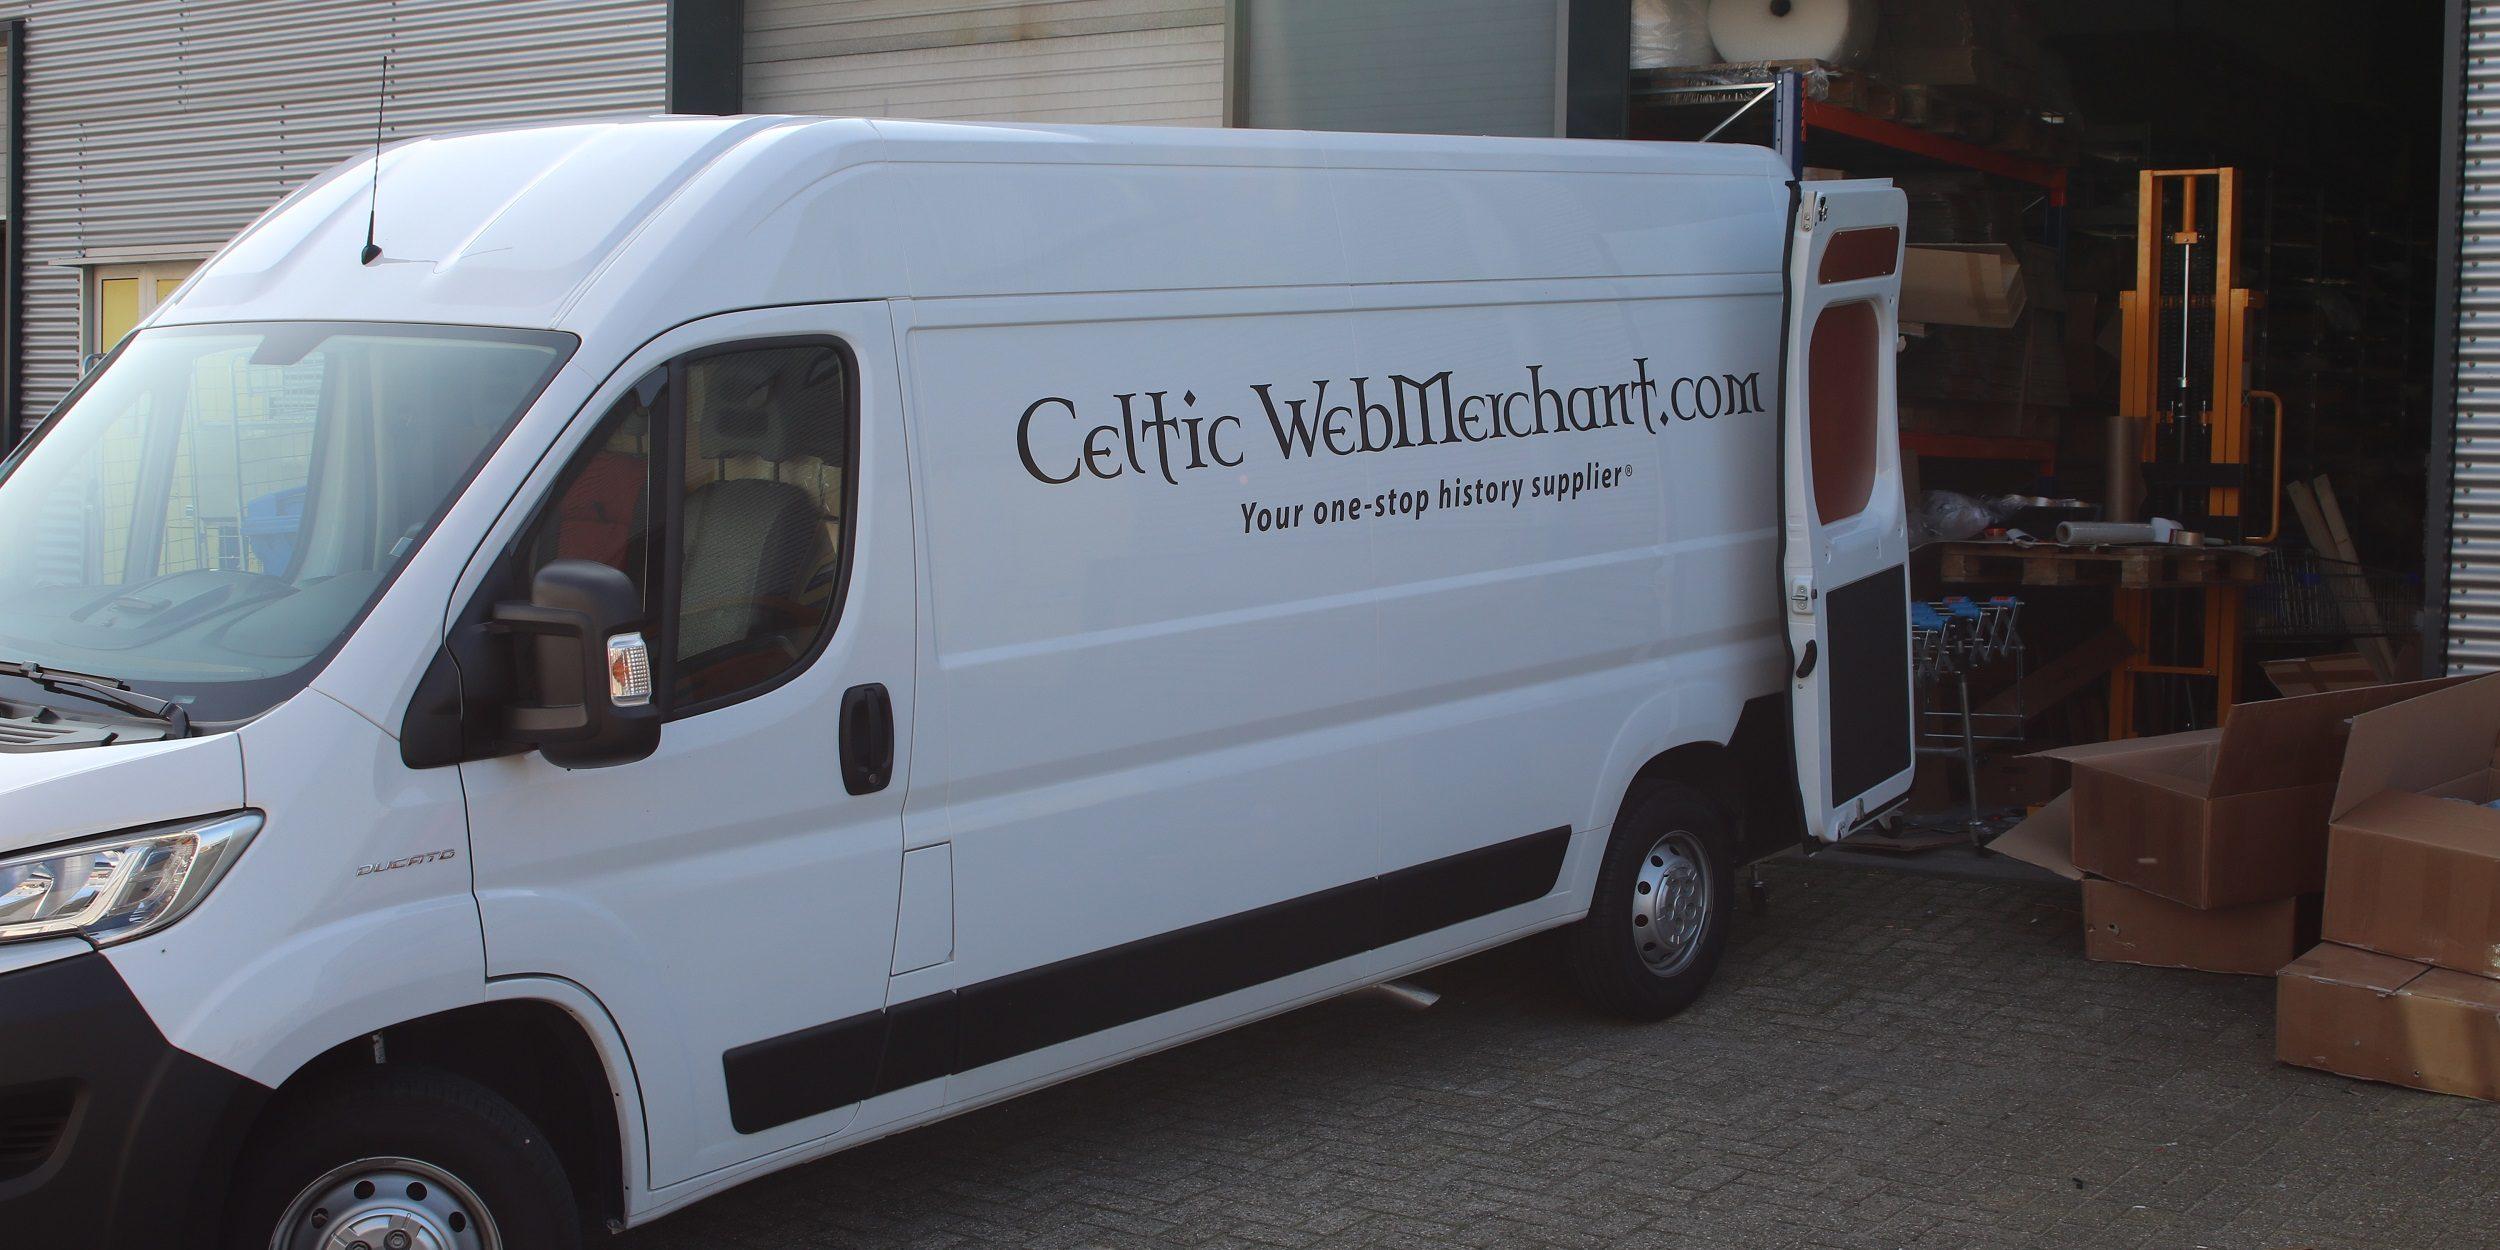 Celtic WebMerchant